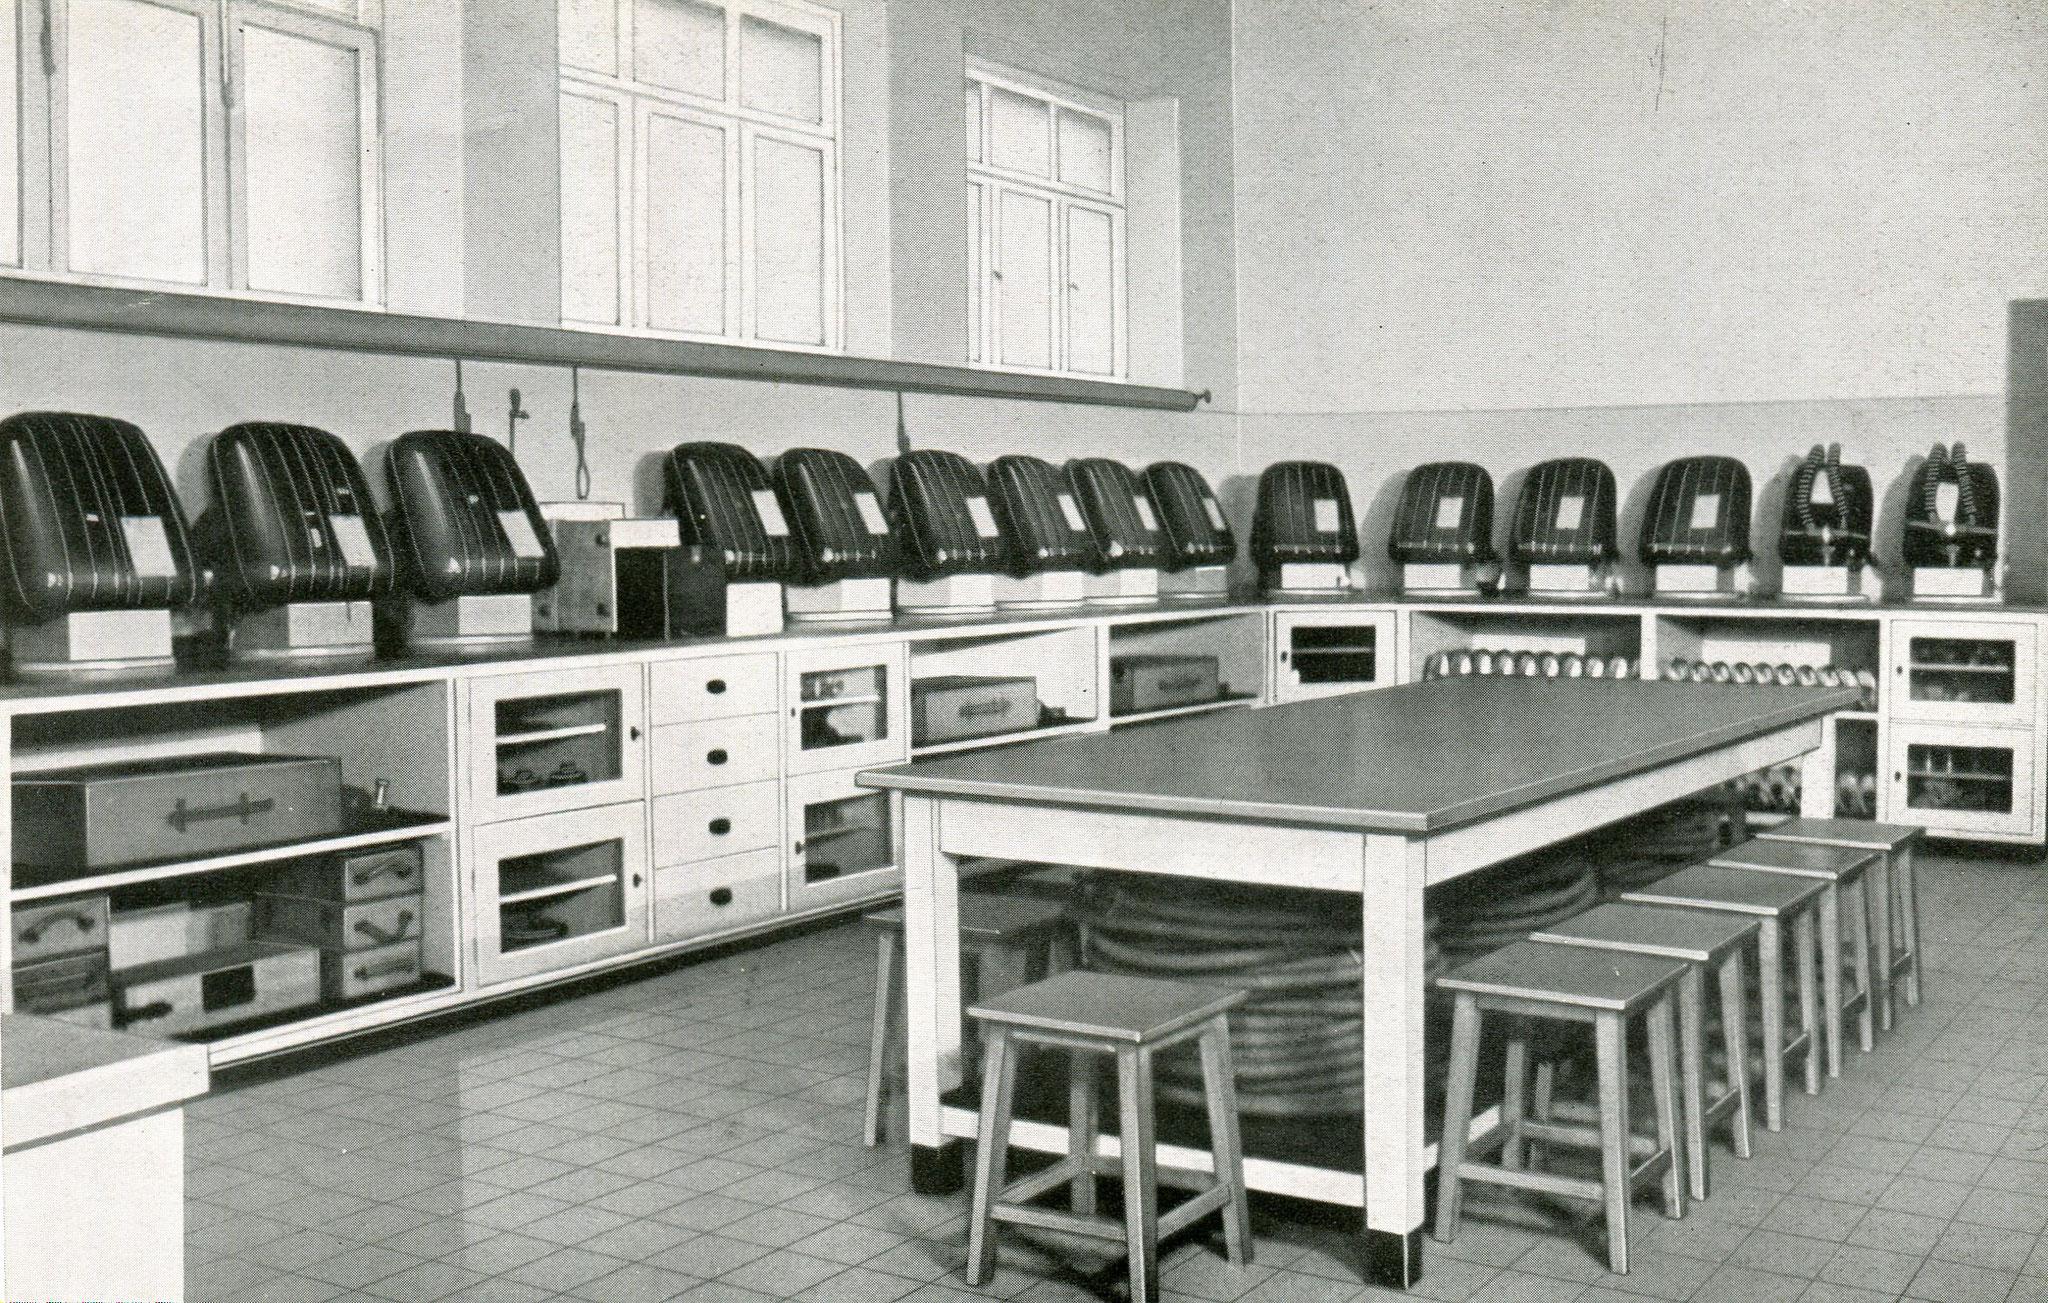 Hauptstelle Gasschutzgeräteraum Grubenrettungswesen Grube Maybach, Saar  1936